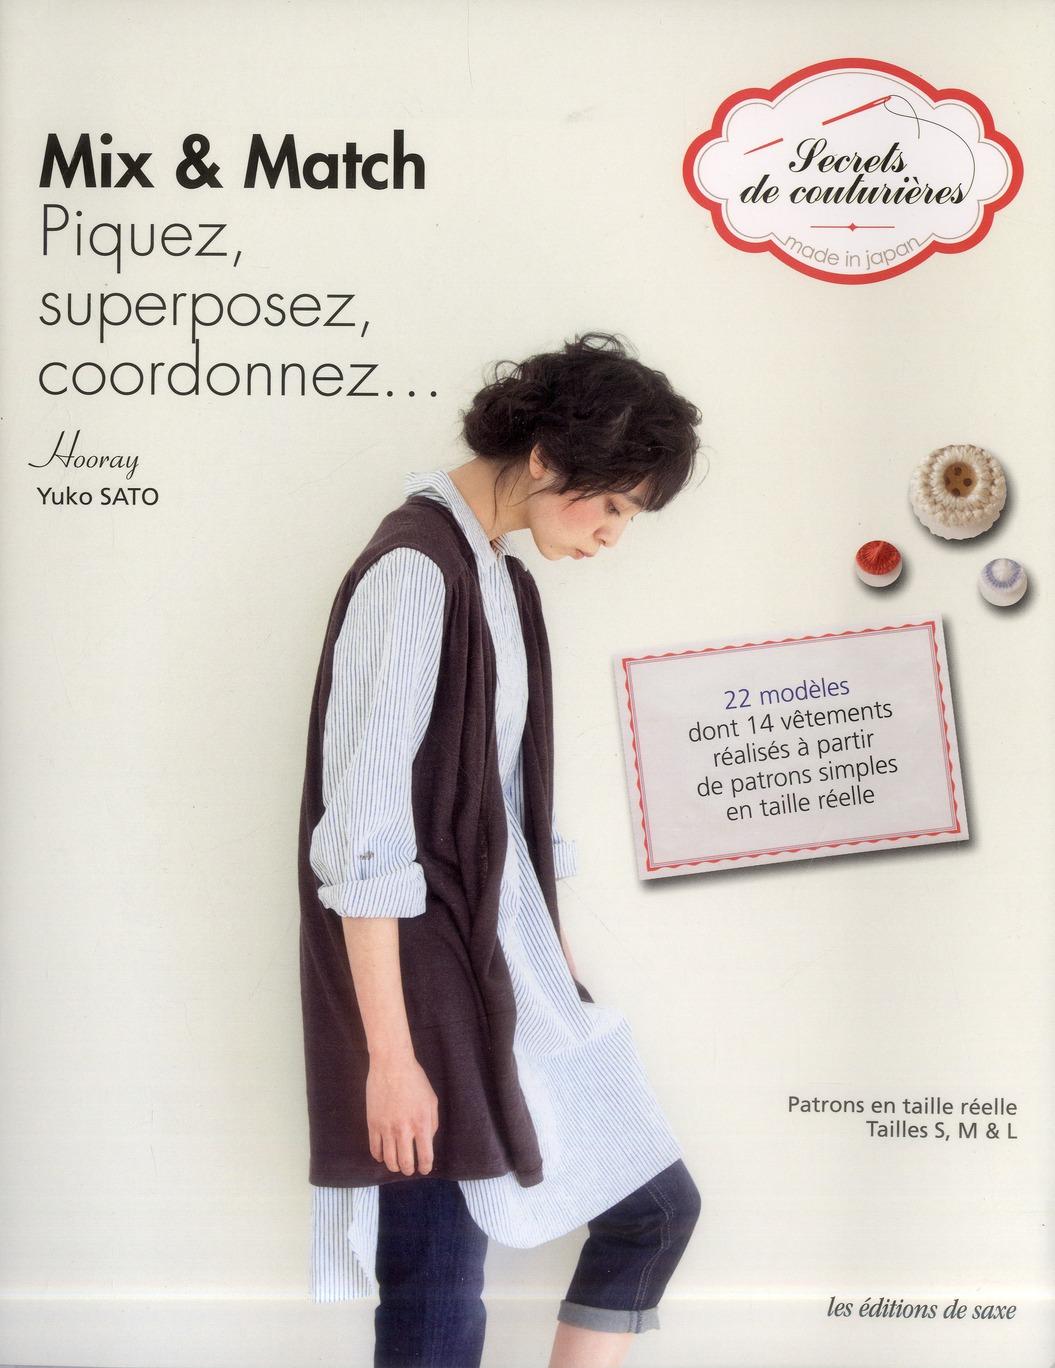 MIX AND MATCH. PIQUEZ, SUPERPOSEZ, COORDONNEZ... 22 MODELES PATRONS EN TAILLE RE